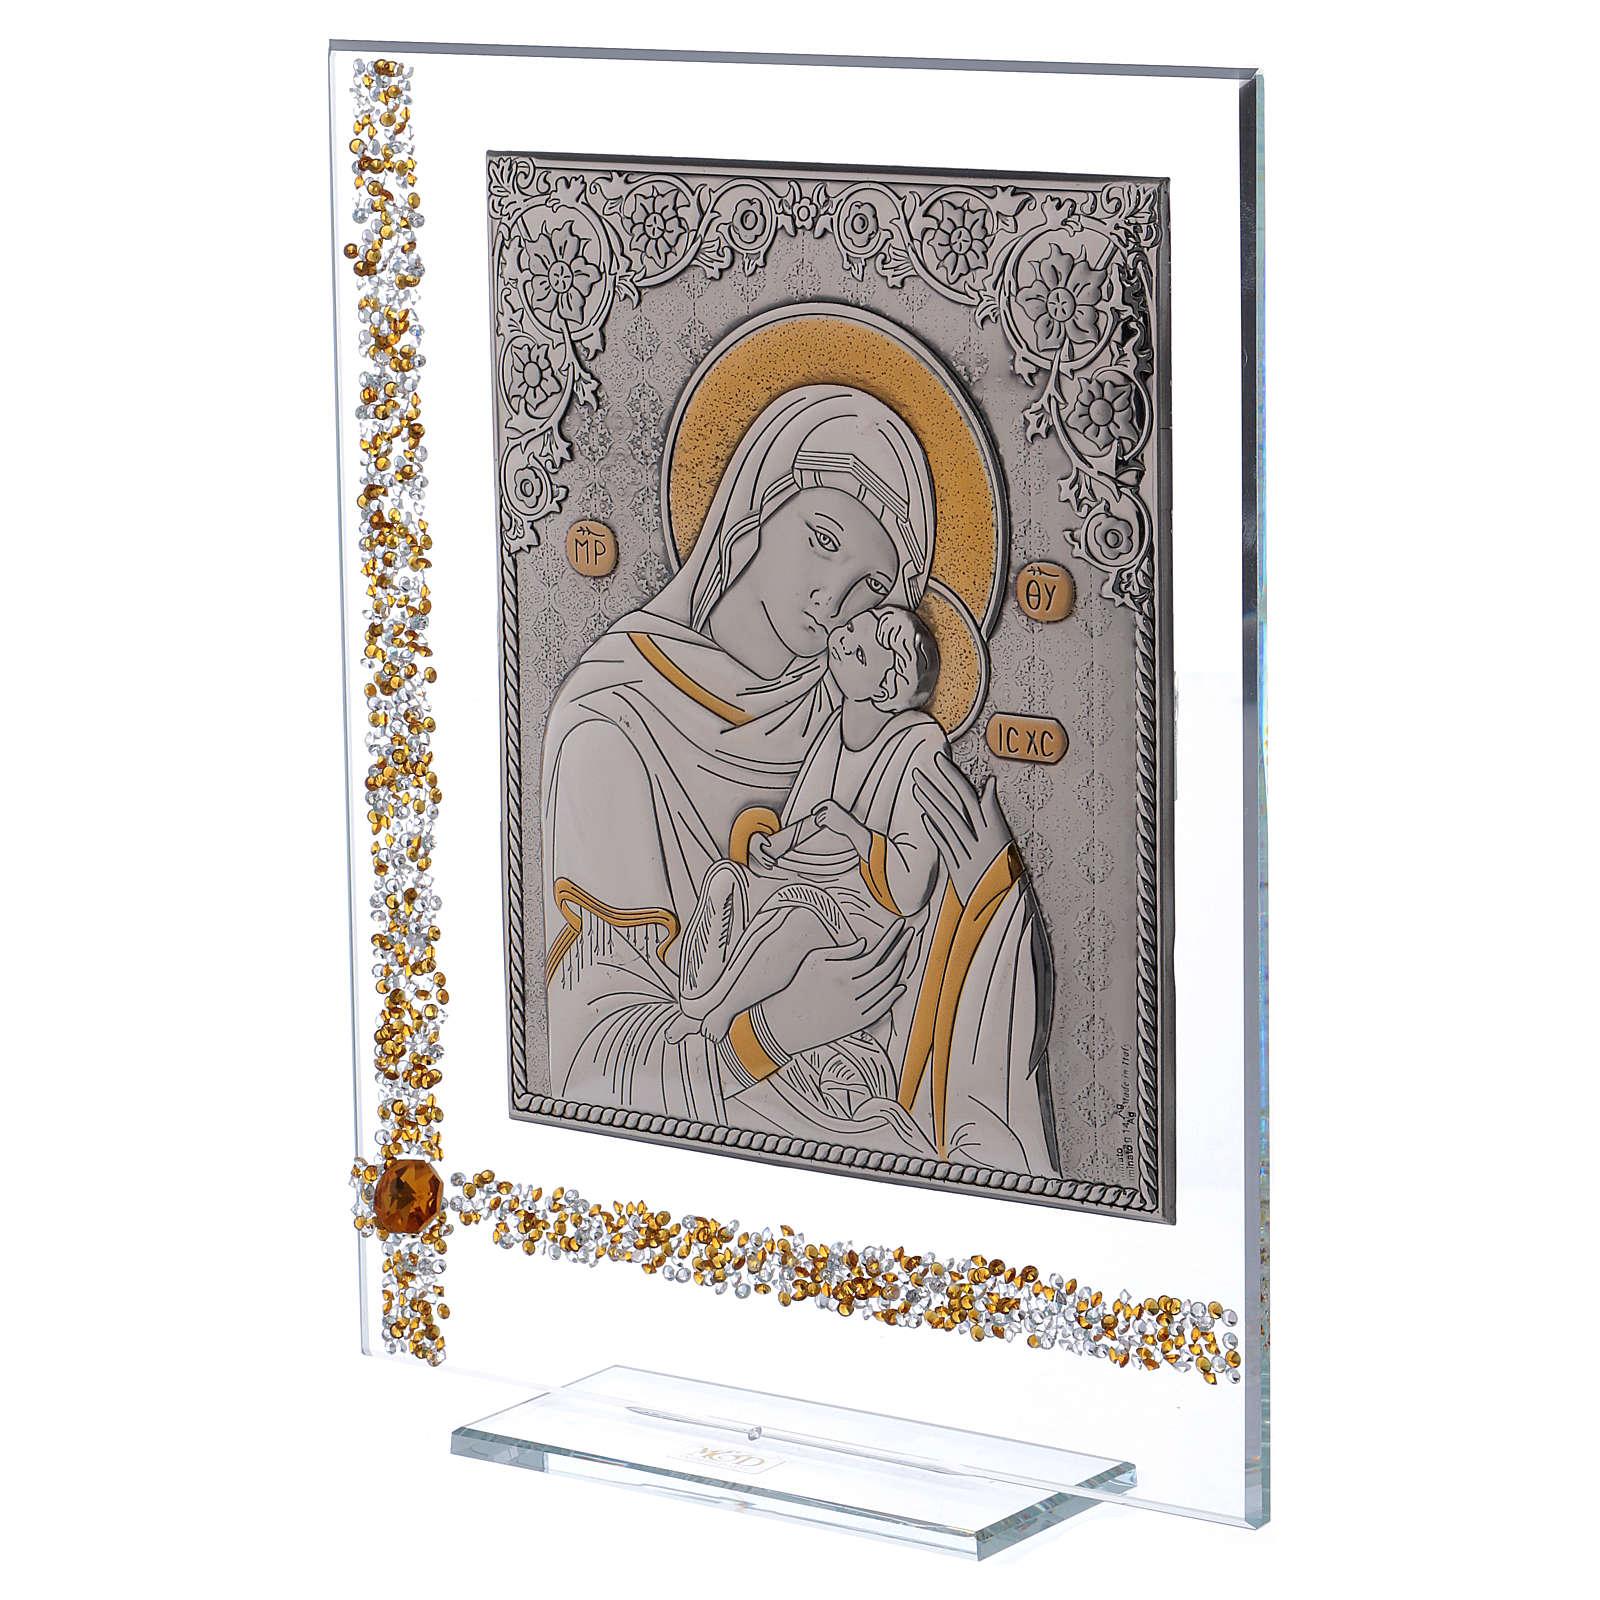 Cuadro icono María con Niño Jesús sobre lámina plata 25x20 cm 3